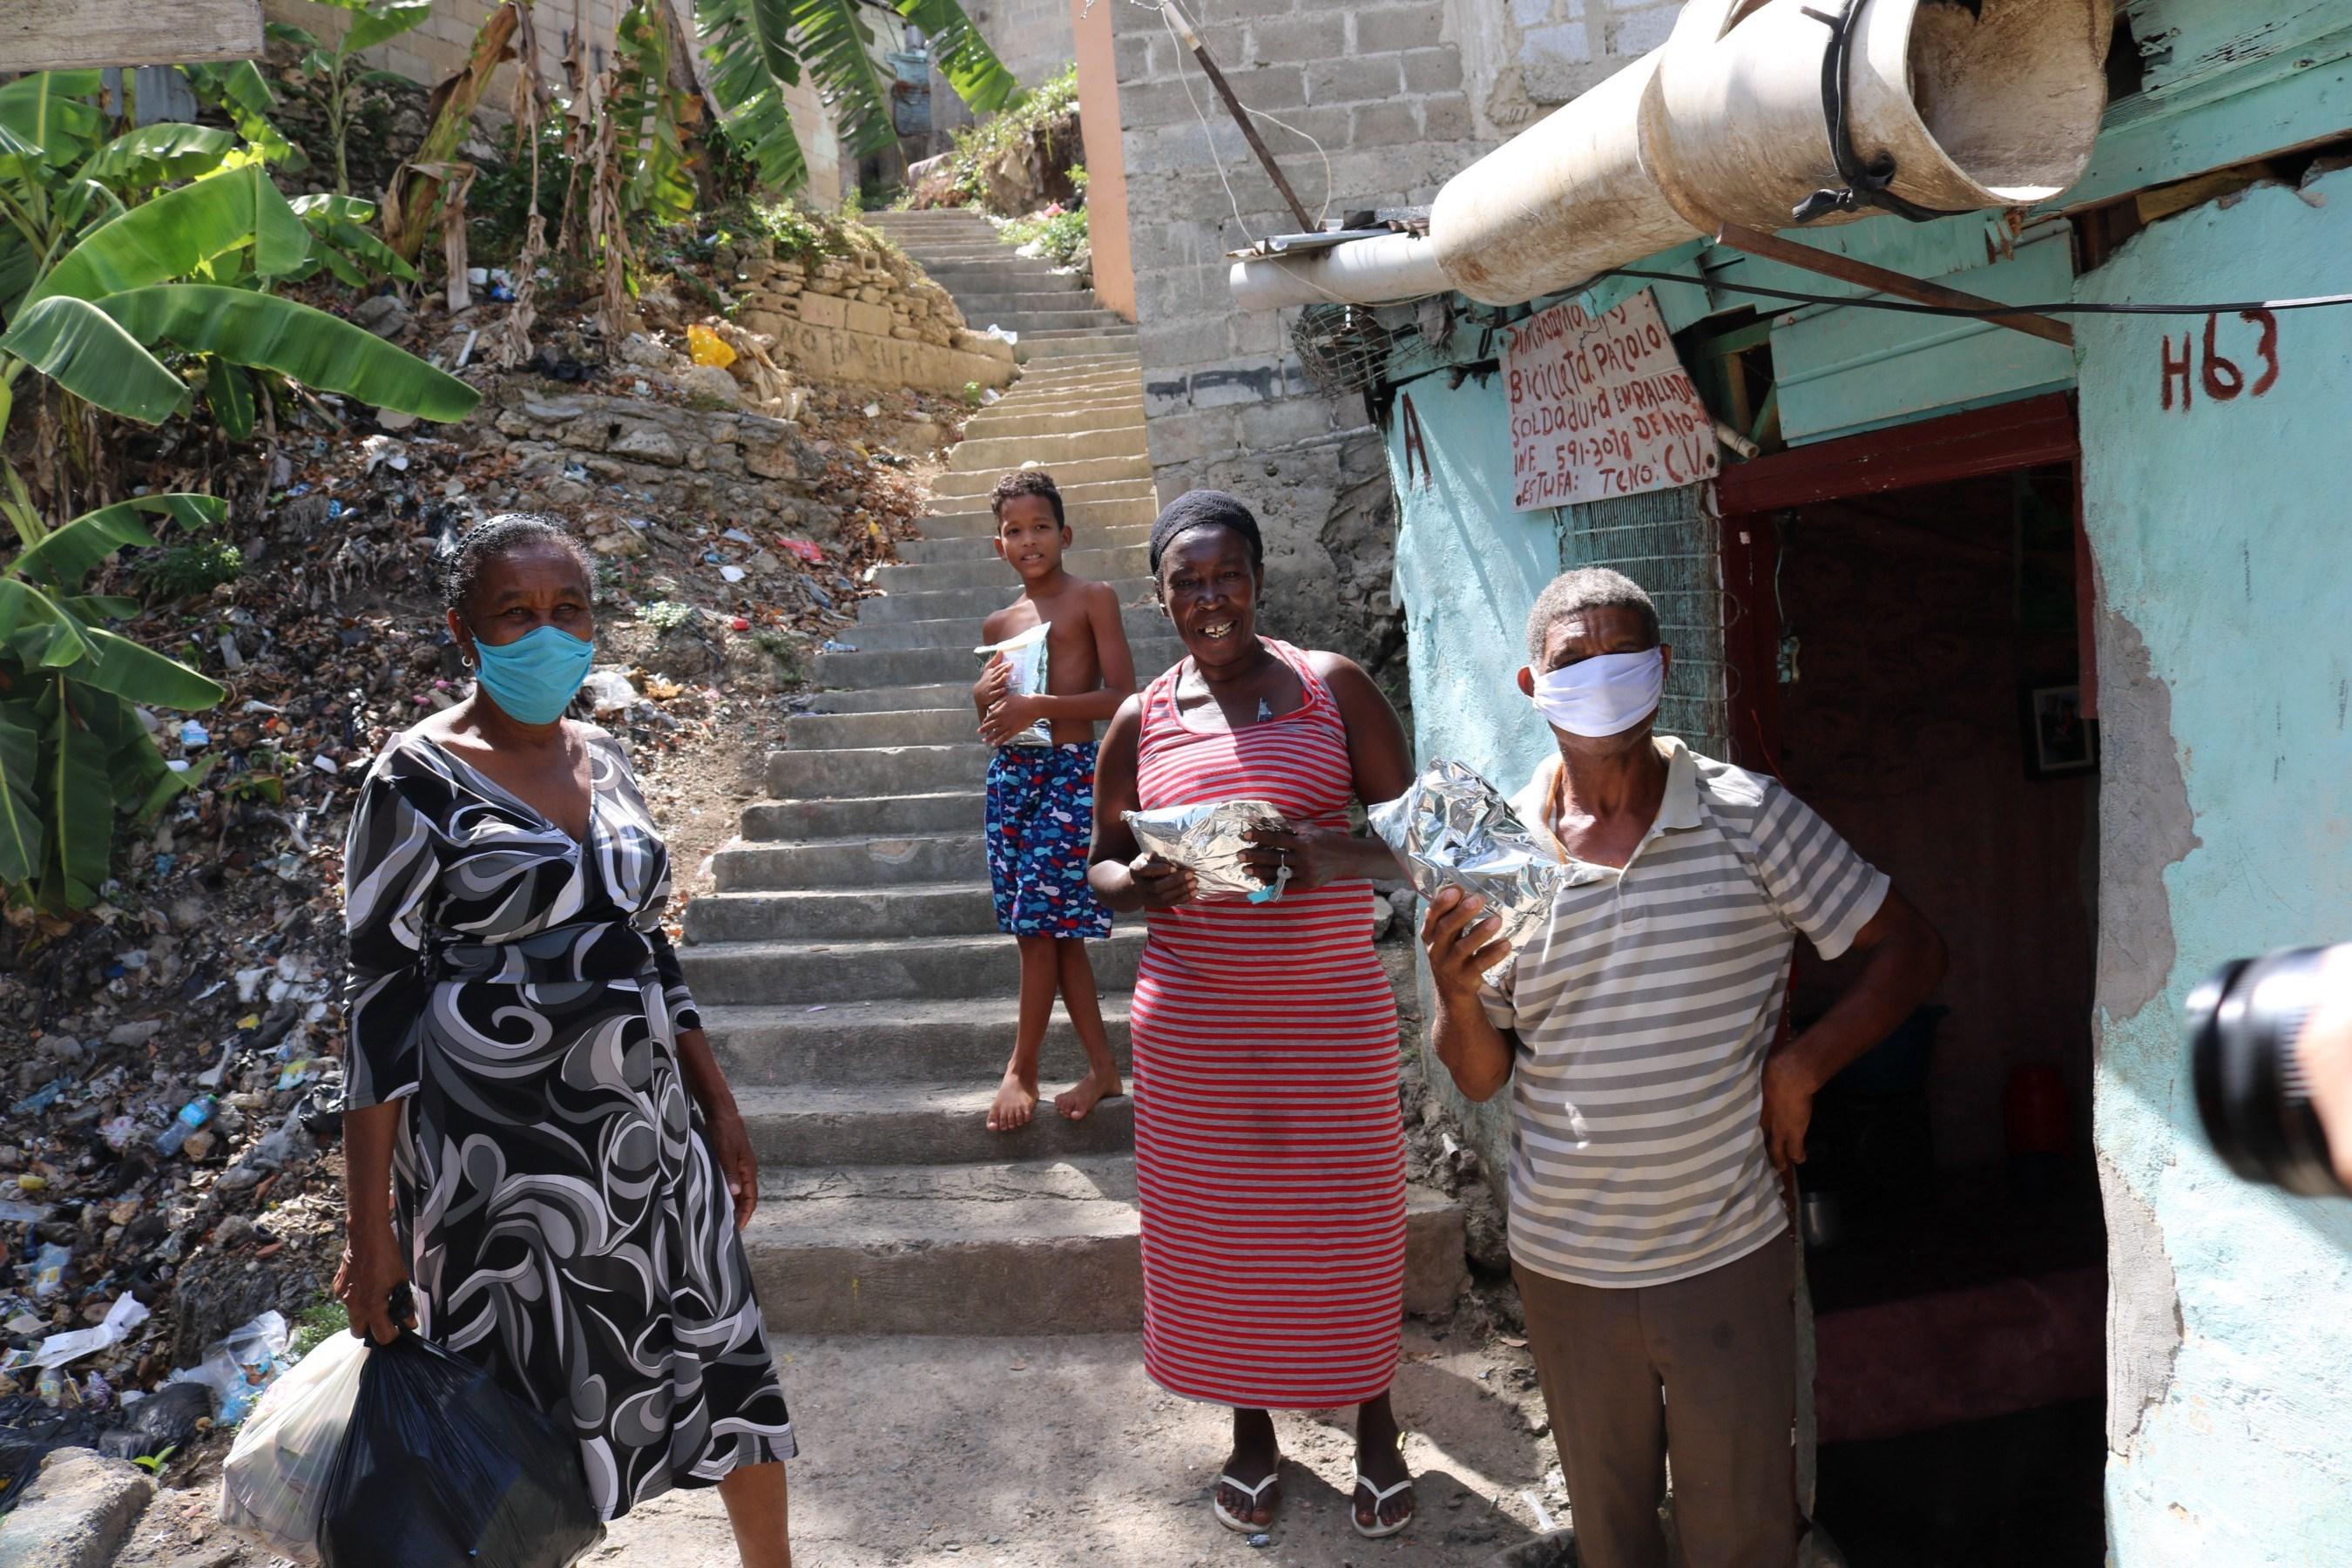 بلغ عدد الإصابات بكورونا في العالم 56,8 مليون وعدد الوفيات 1,36 مليون